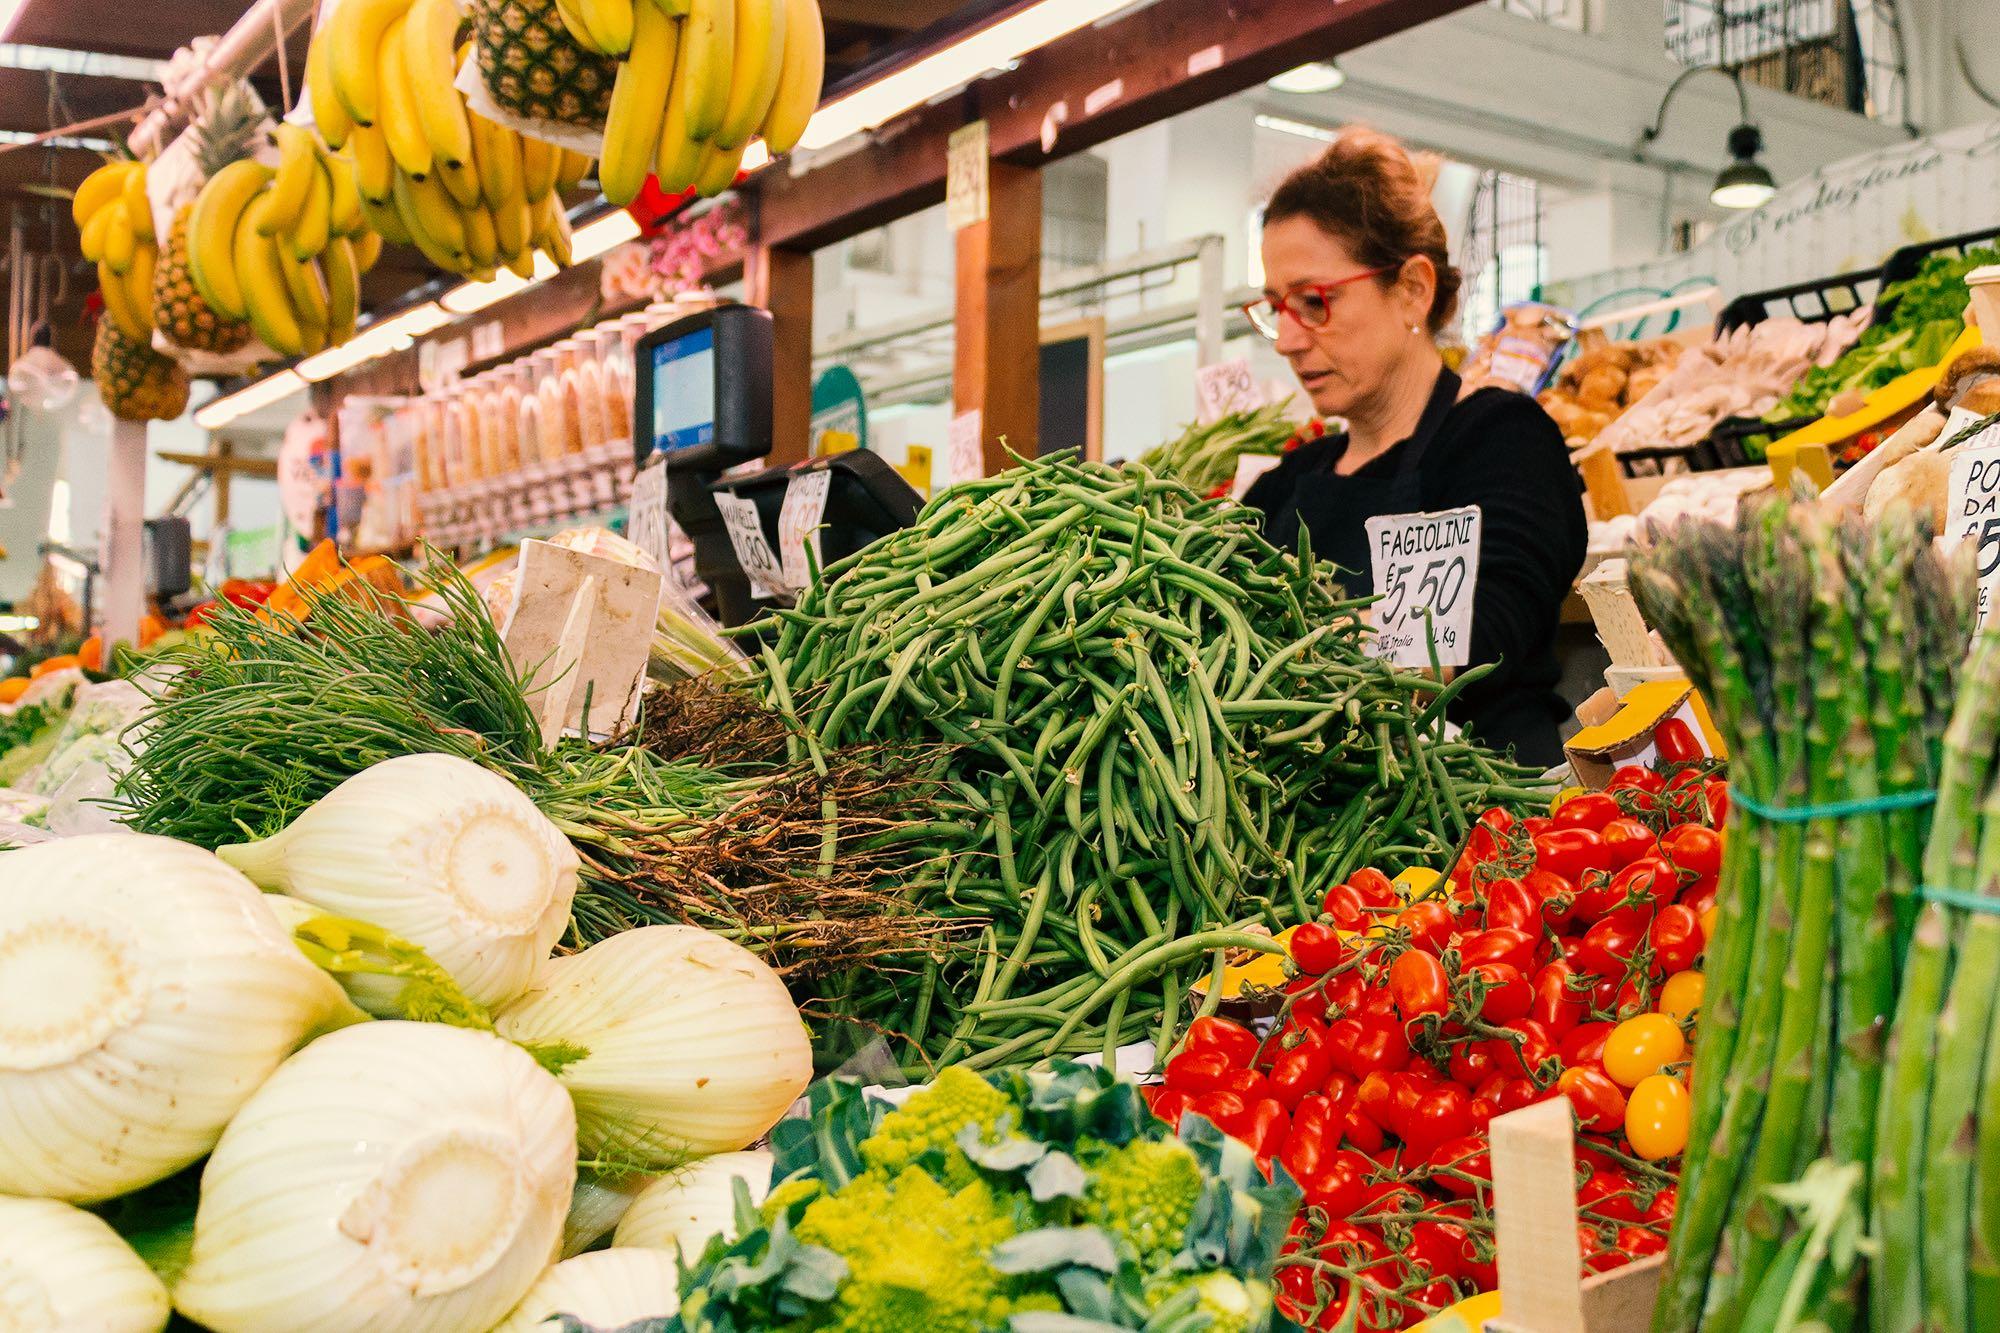 Da Carlo e Maria frutta e verdura - Mercati d'Autore